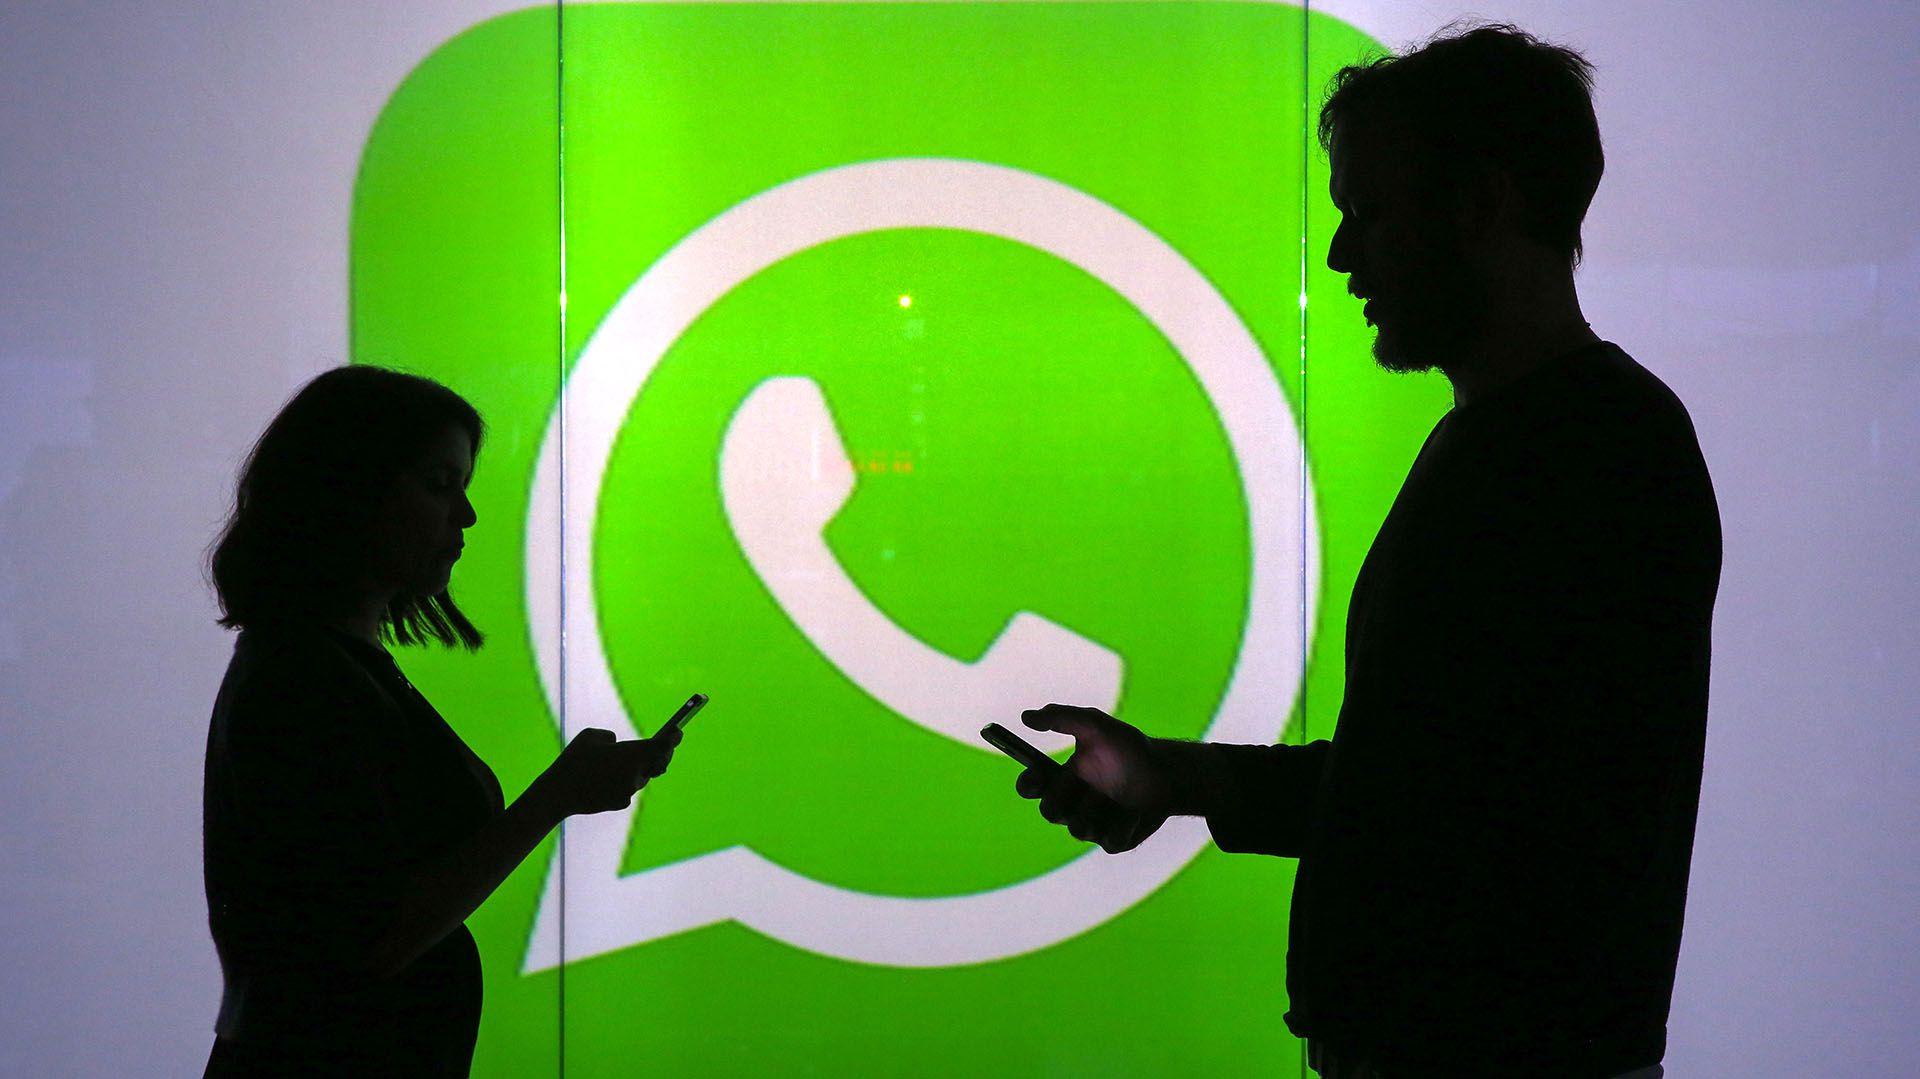 Las fotos y un video privado de Castro se viralizaron por WhatsApp y las redes sociales (Chris Ratcliffe/Bloomberg)